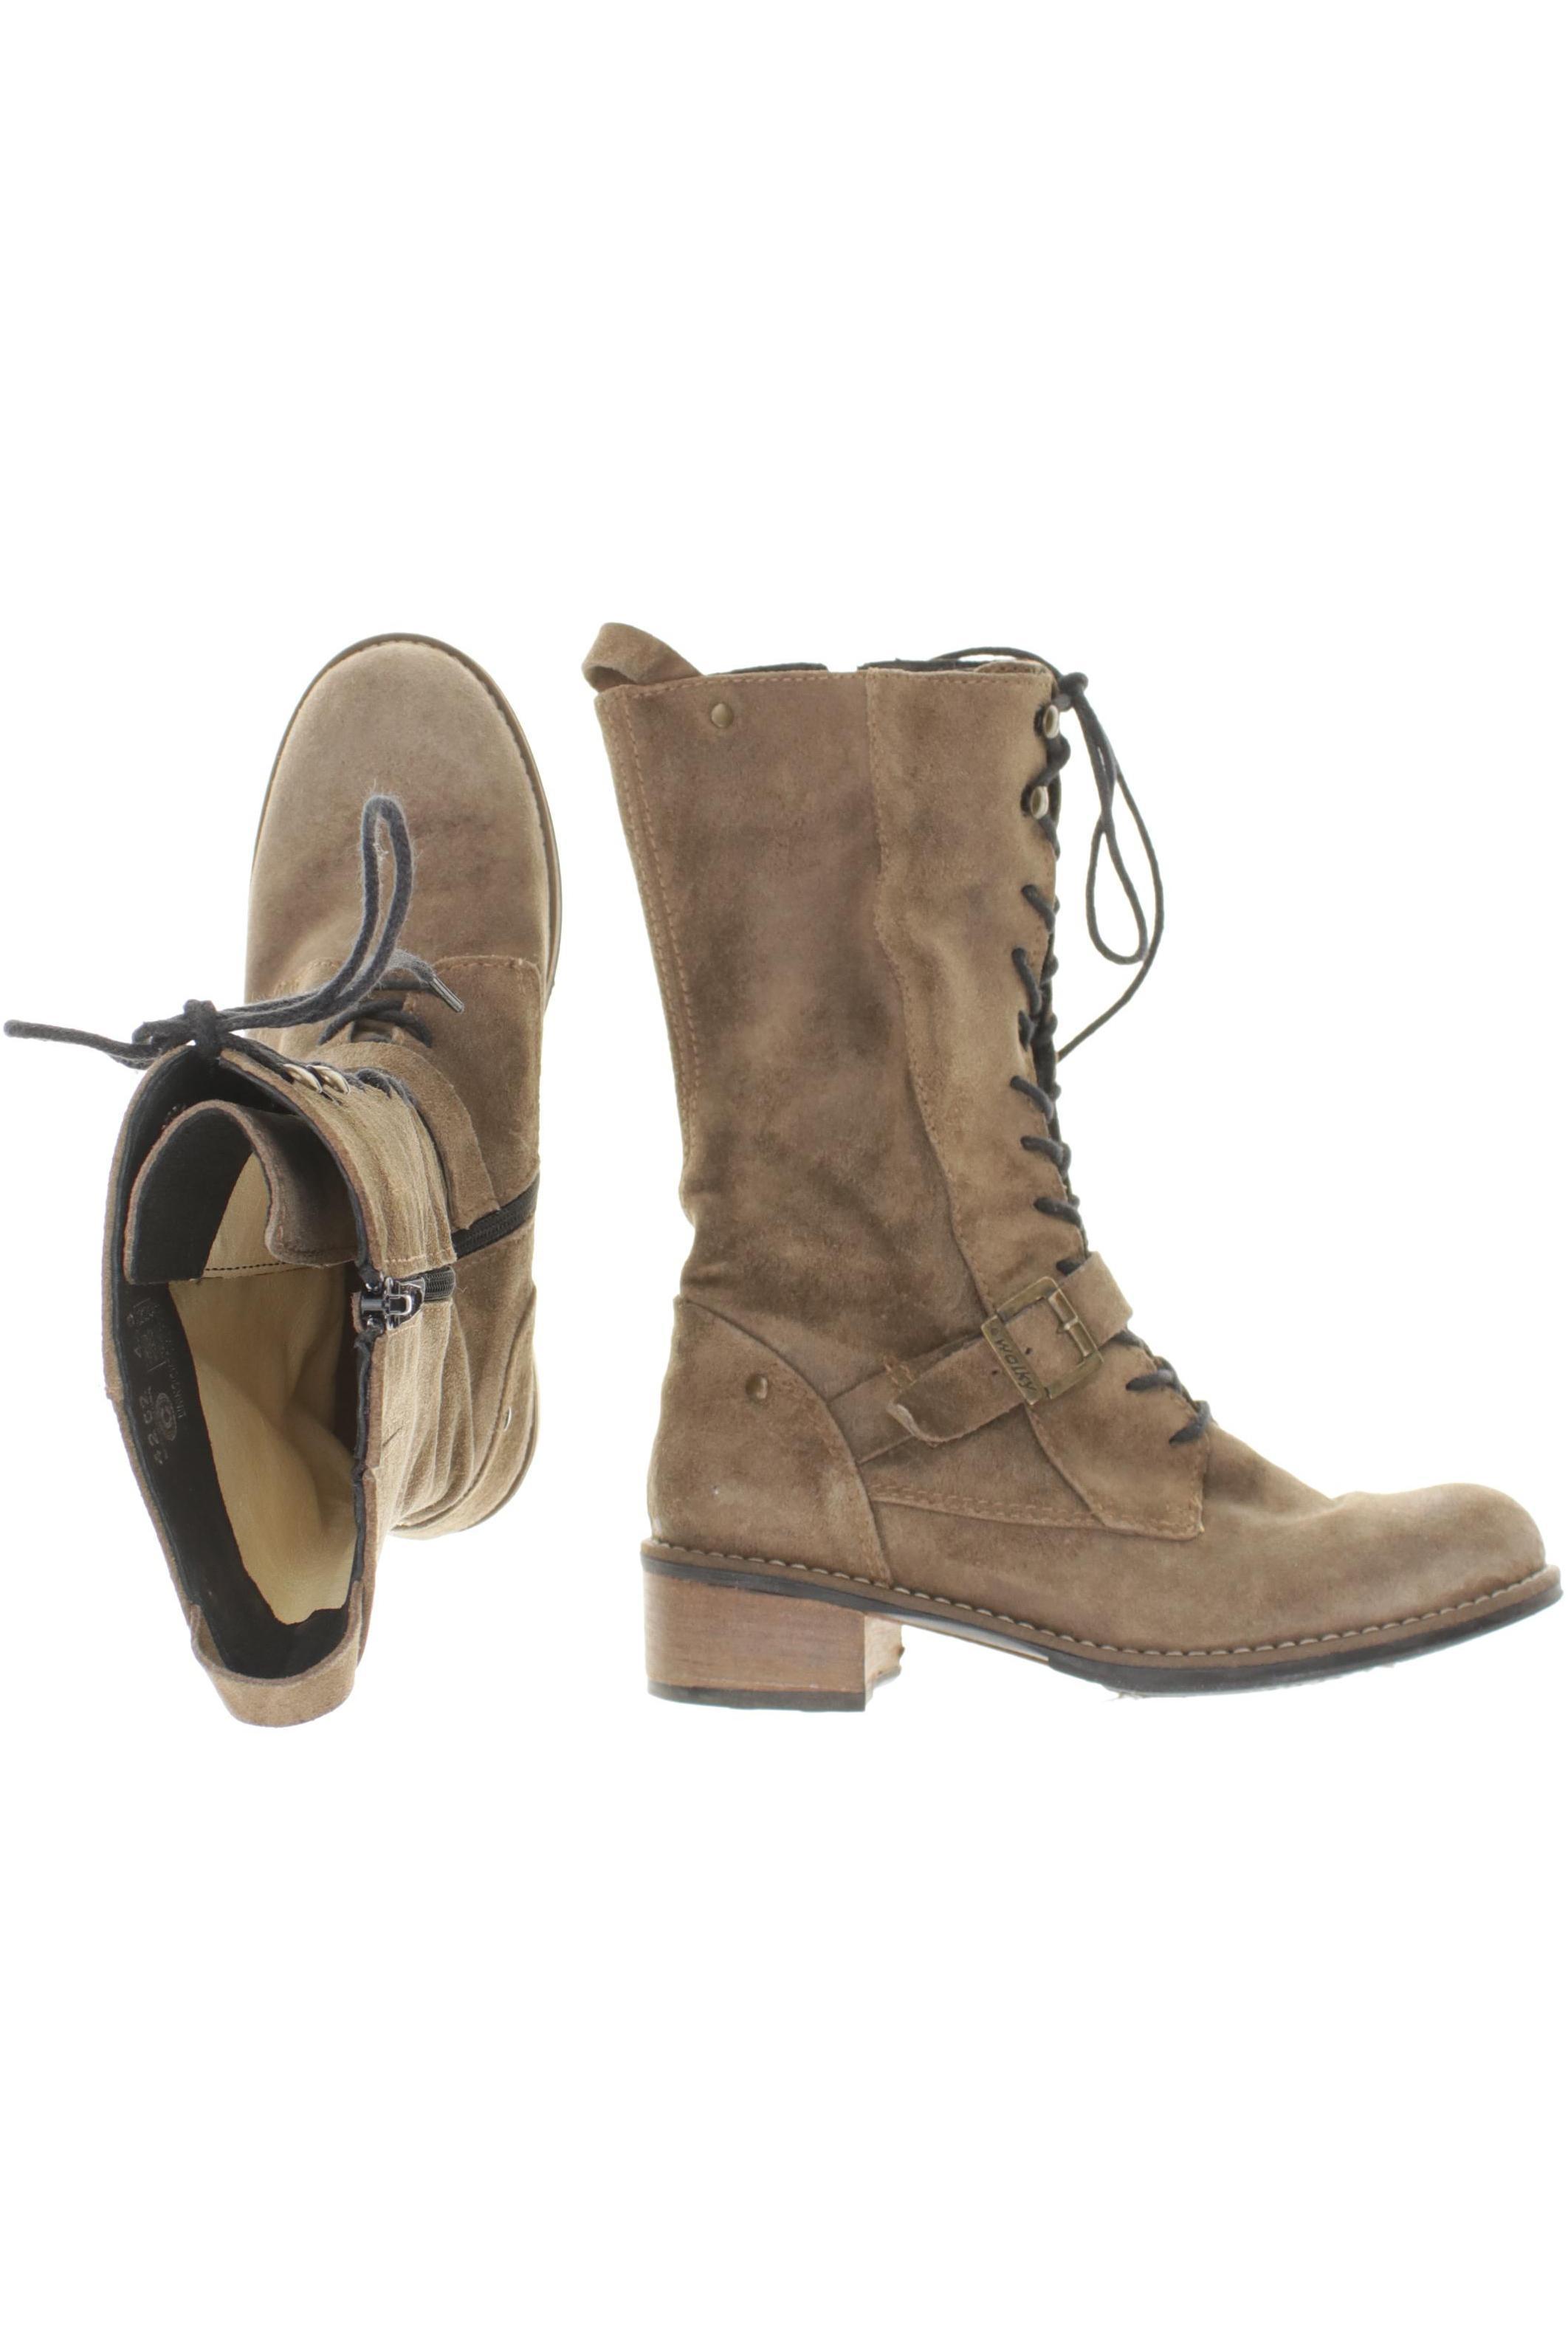 36 DE Stiefel Damen Second Wolky kaufen Hand 97282nqnk1689